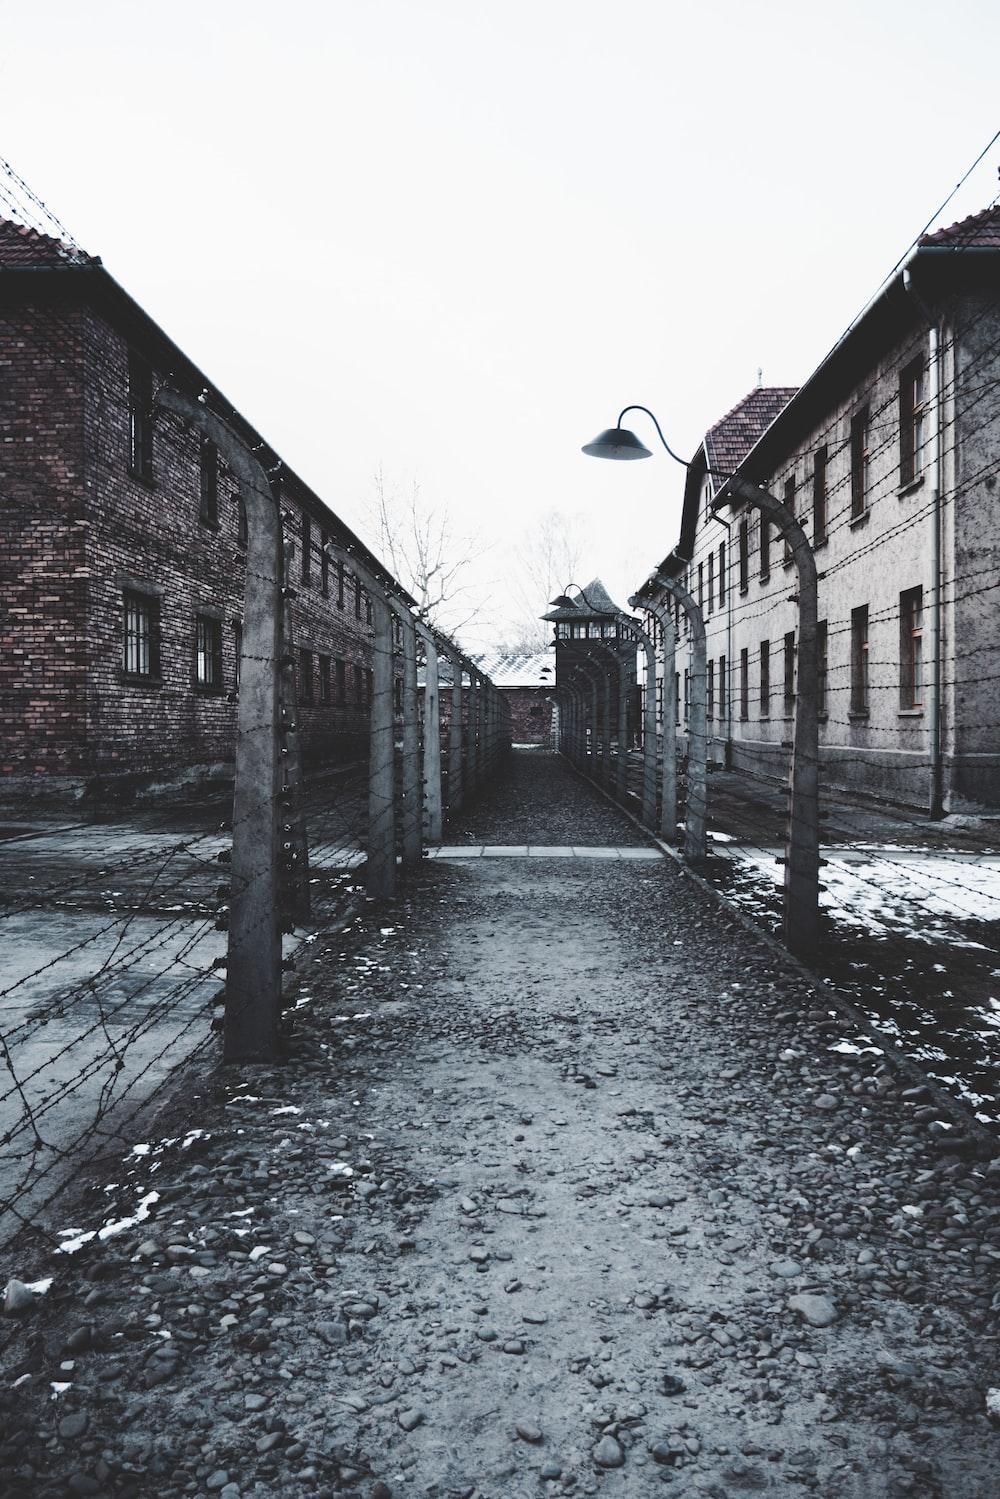 alley in between high building